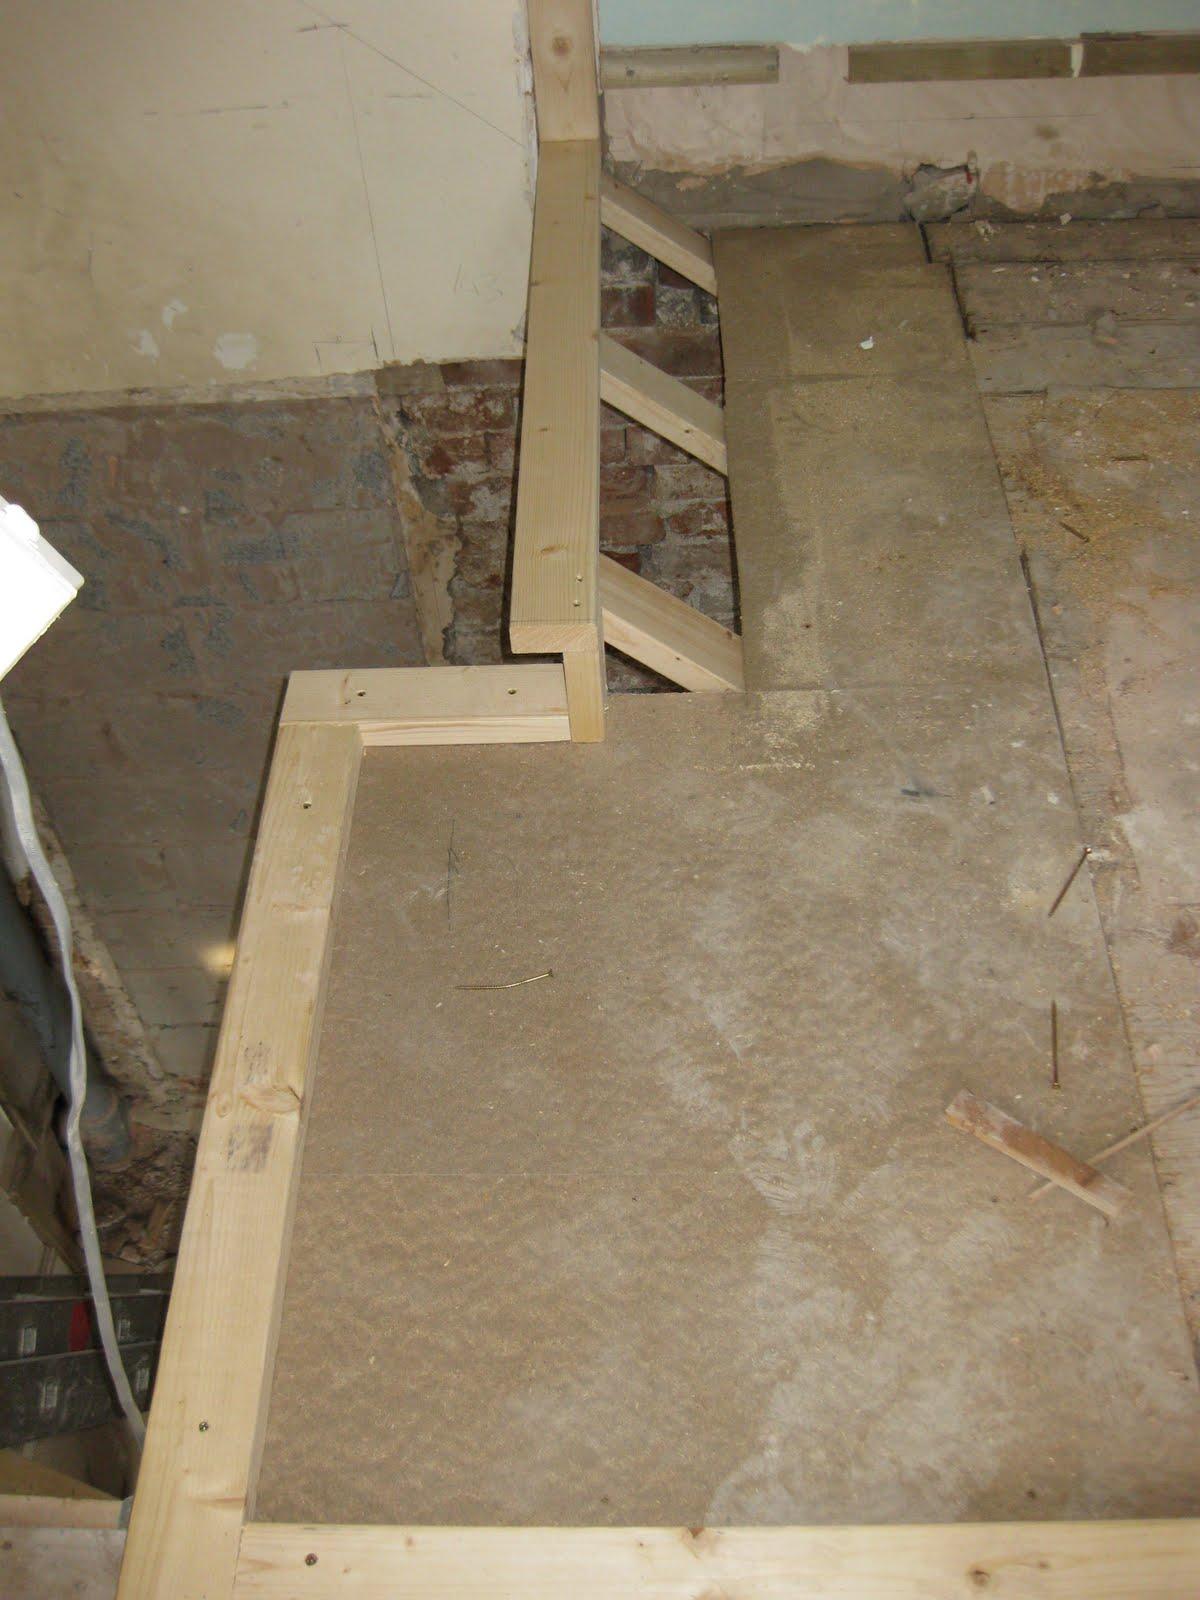 http://1.bp.blogspot.com/_TWdoNYROwMk/S_HDYtMzbiI/AAAAAAAAAIk/povpQ5JB9ws/s1600/Haddef+repairs+-+Day+13+(6)+shower+room.jpg